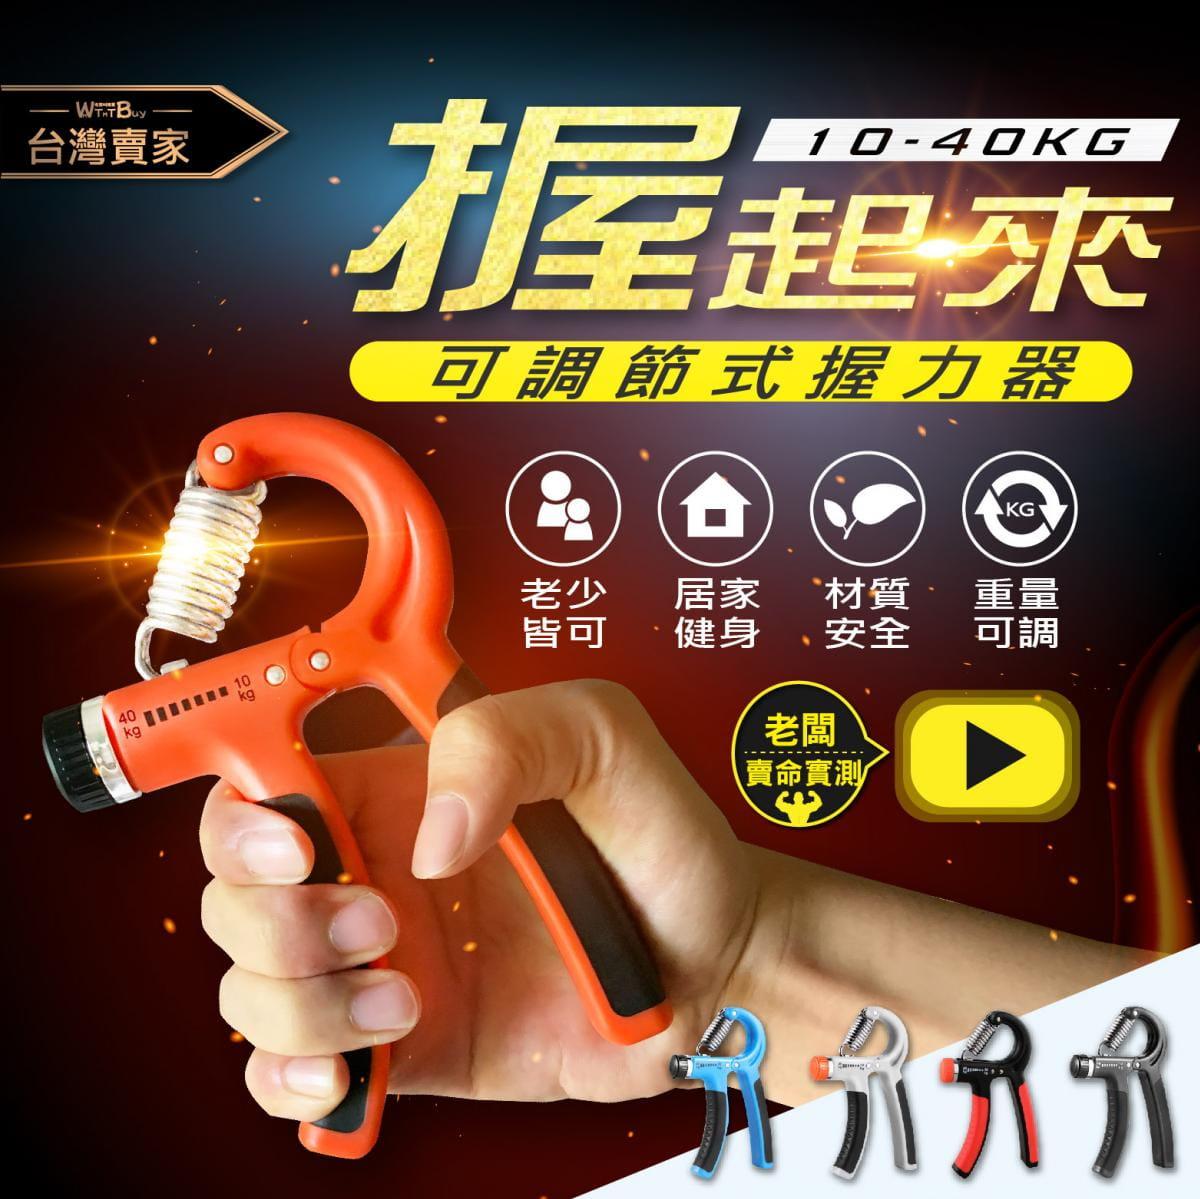 可調節式 握力器10~40KG 握力 腕力 握力訓練器 手腕訓練 腕力器 健身器材 紓壓 增肌 0